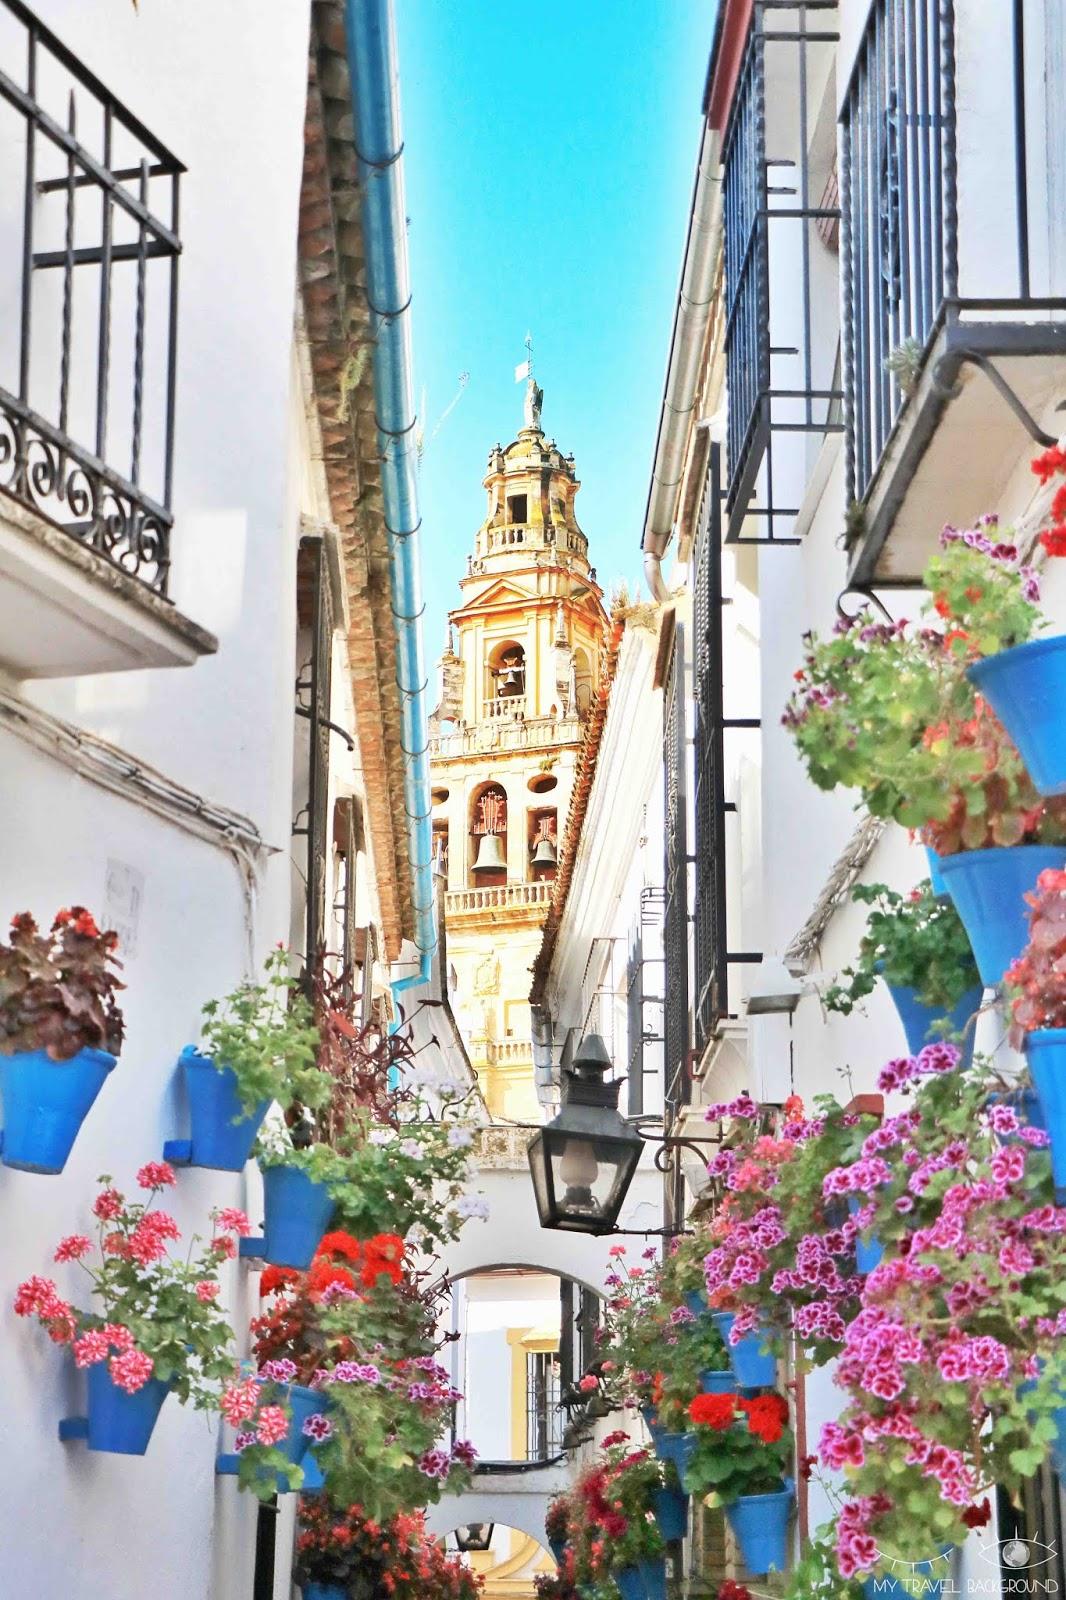 My Travel Background : mon road trip de 10 jours en Andalousie, Espagne : itinéraire et infos pratiques - Cordoue